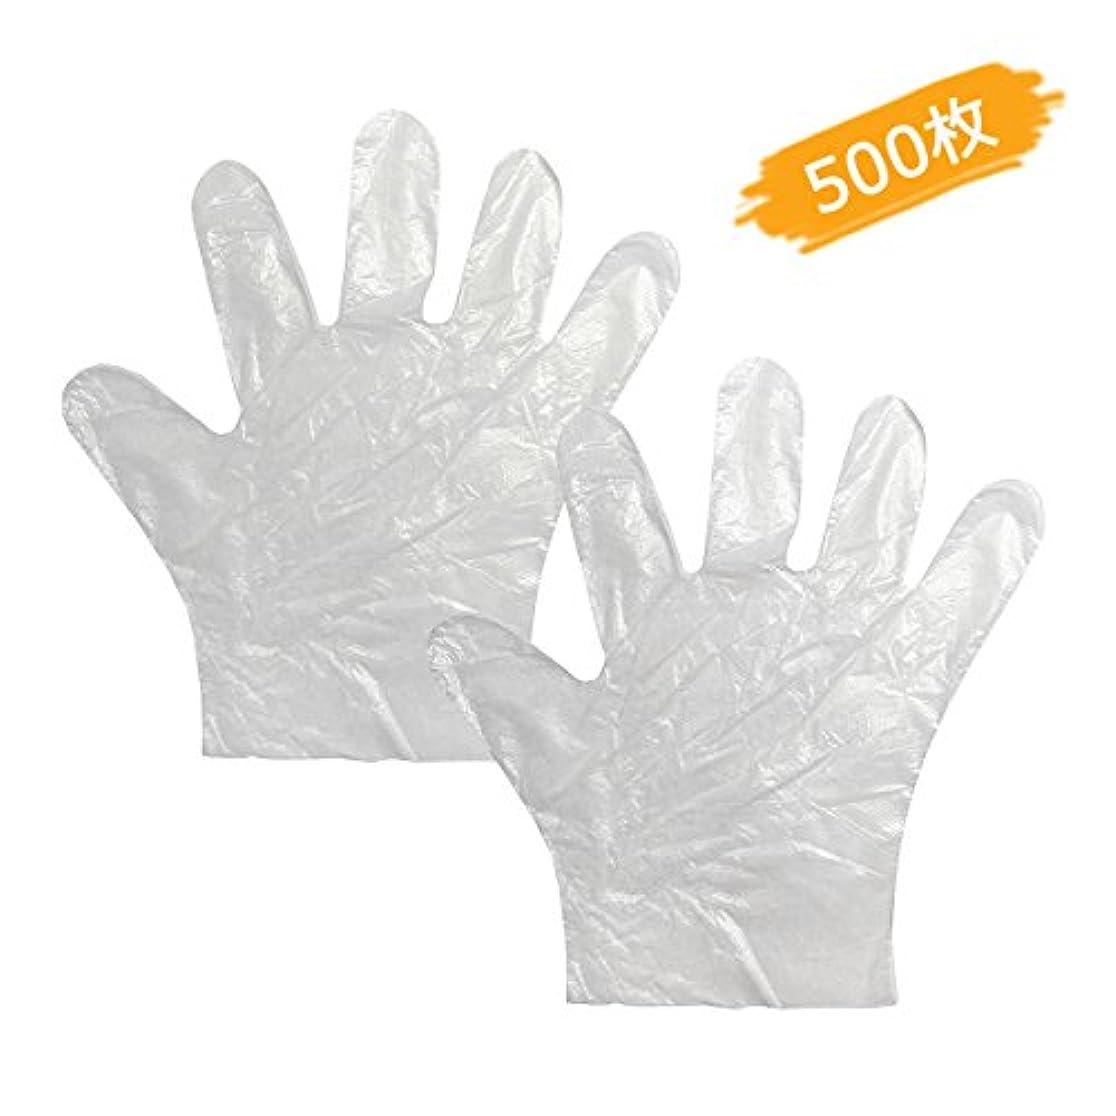 ブル犬計り知れない使い捨て手袋 極薄ビニール手袋 調理 透明 実用 衛生 500枚入